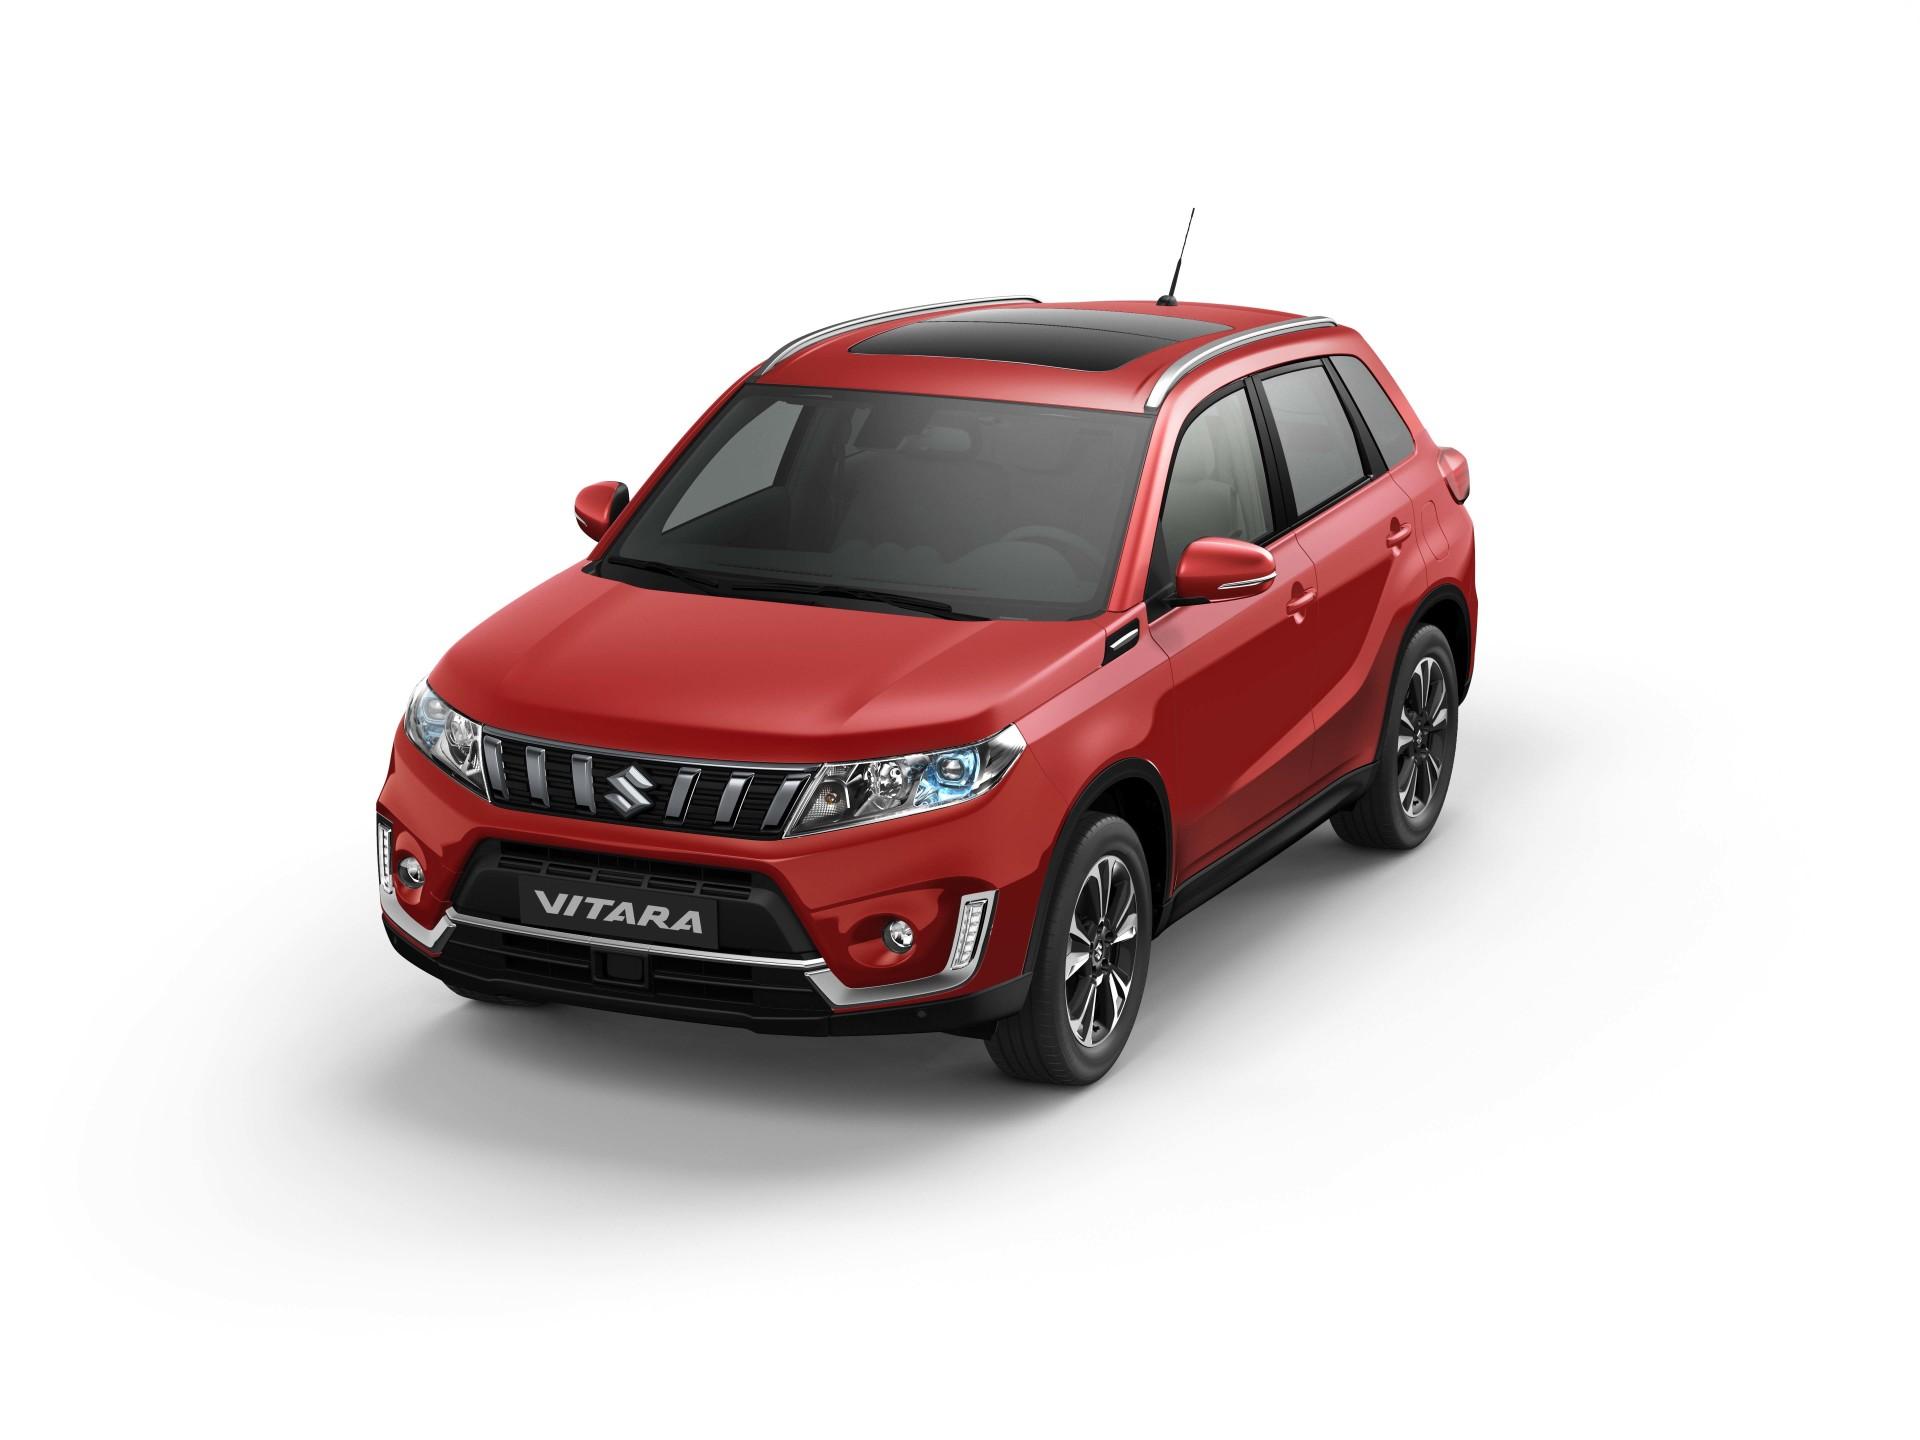 Suzuki Vitara 2018 515